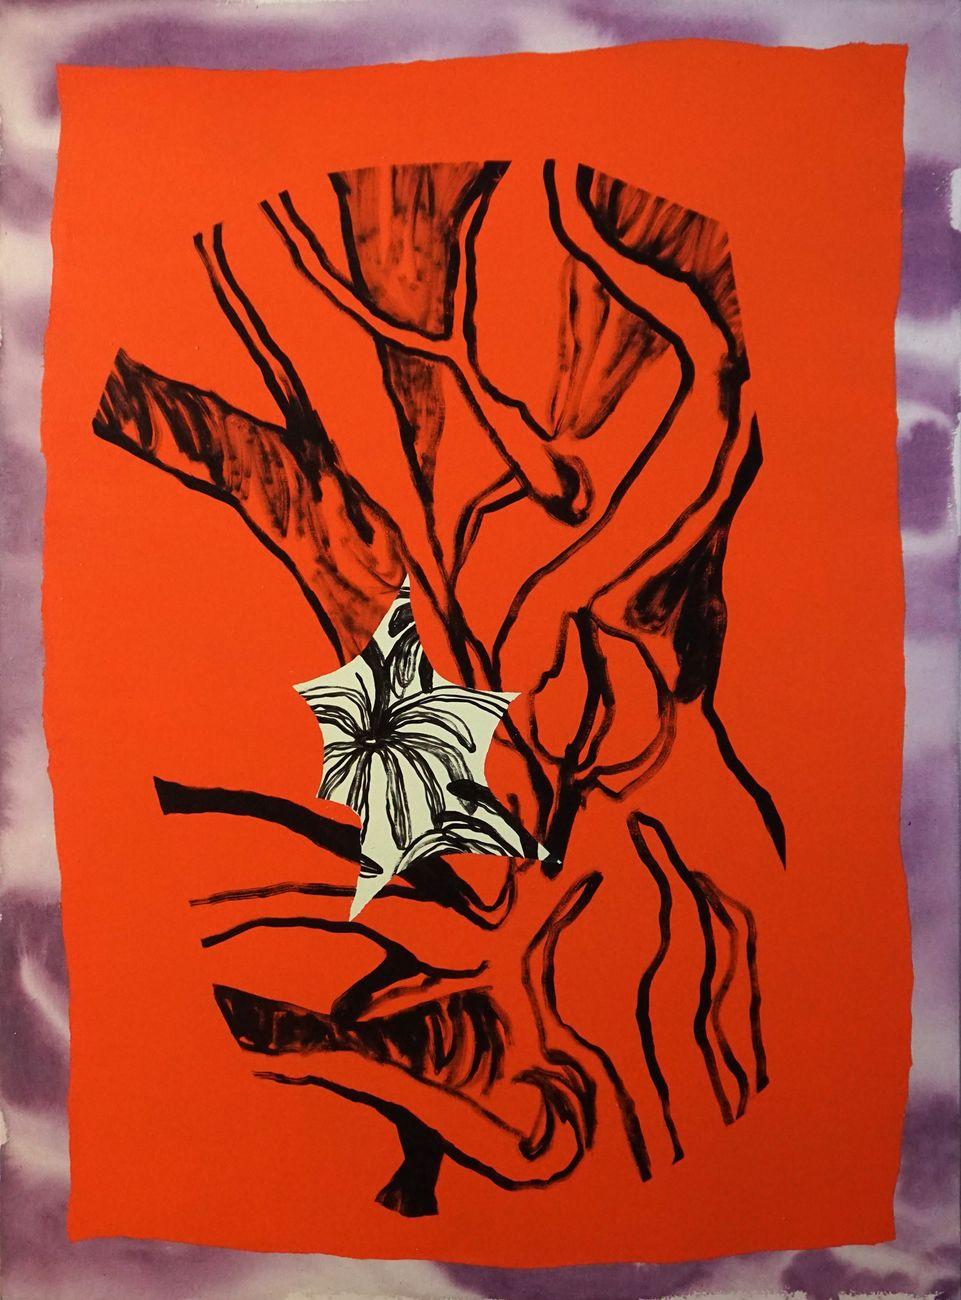 Anna Marzuttini, Quasi primavera, 2020, acrilico su tela, 110 x 80 cm